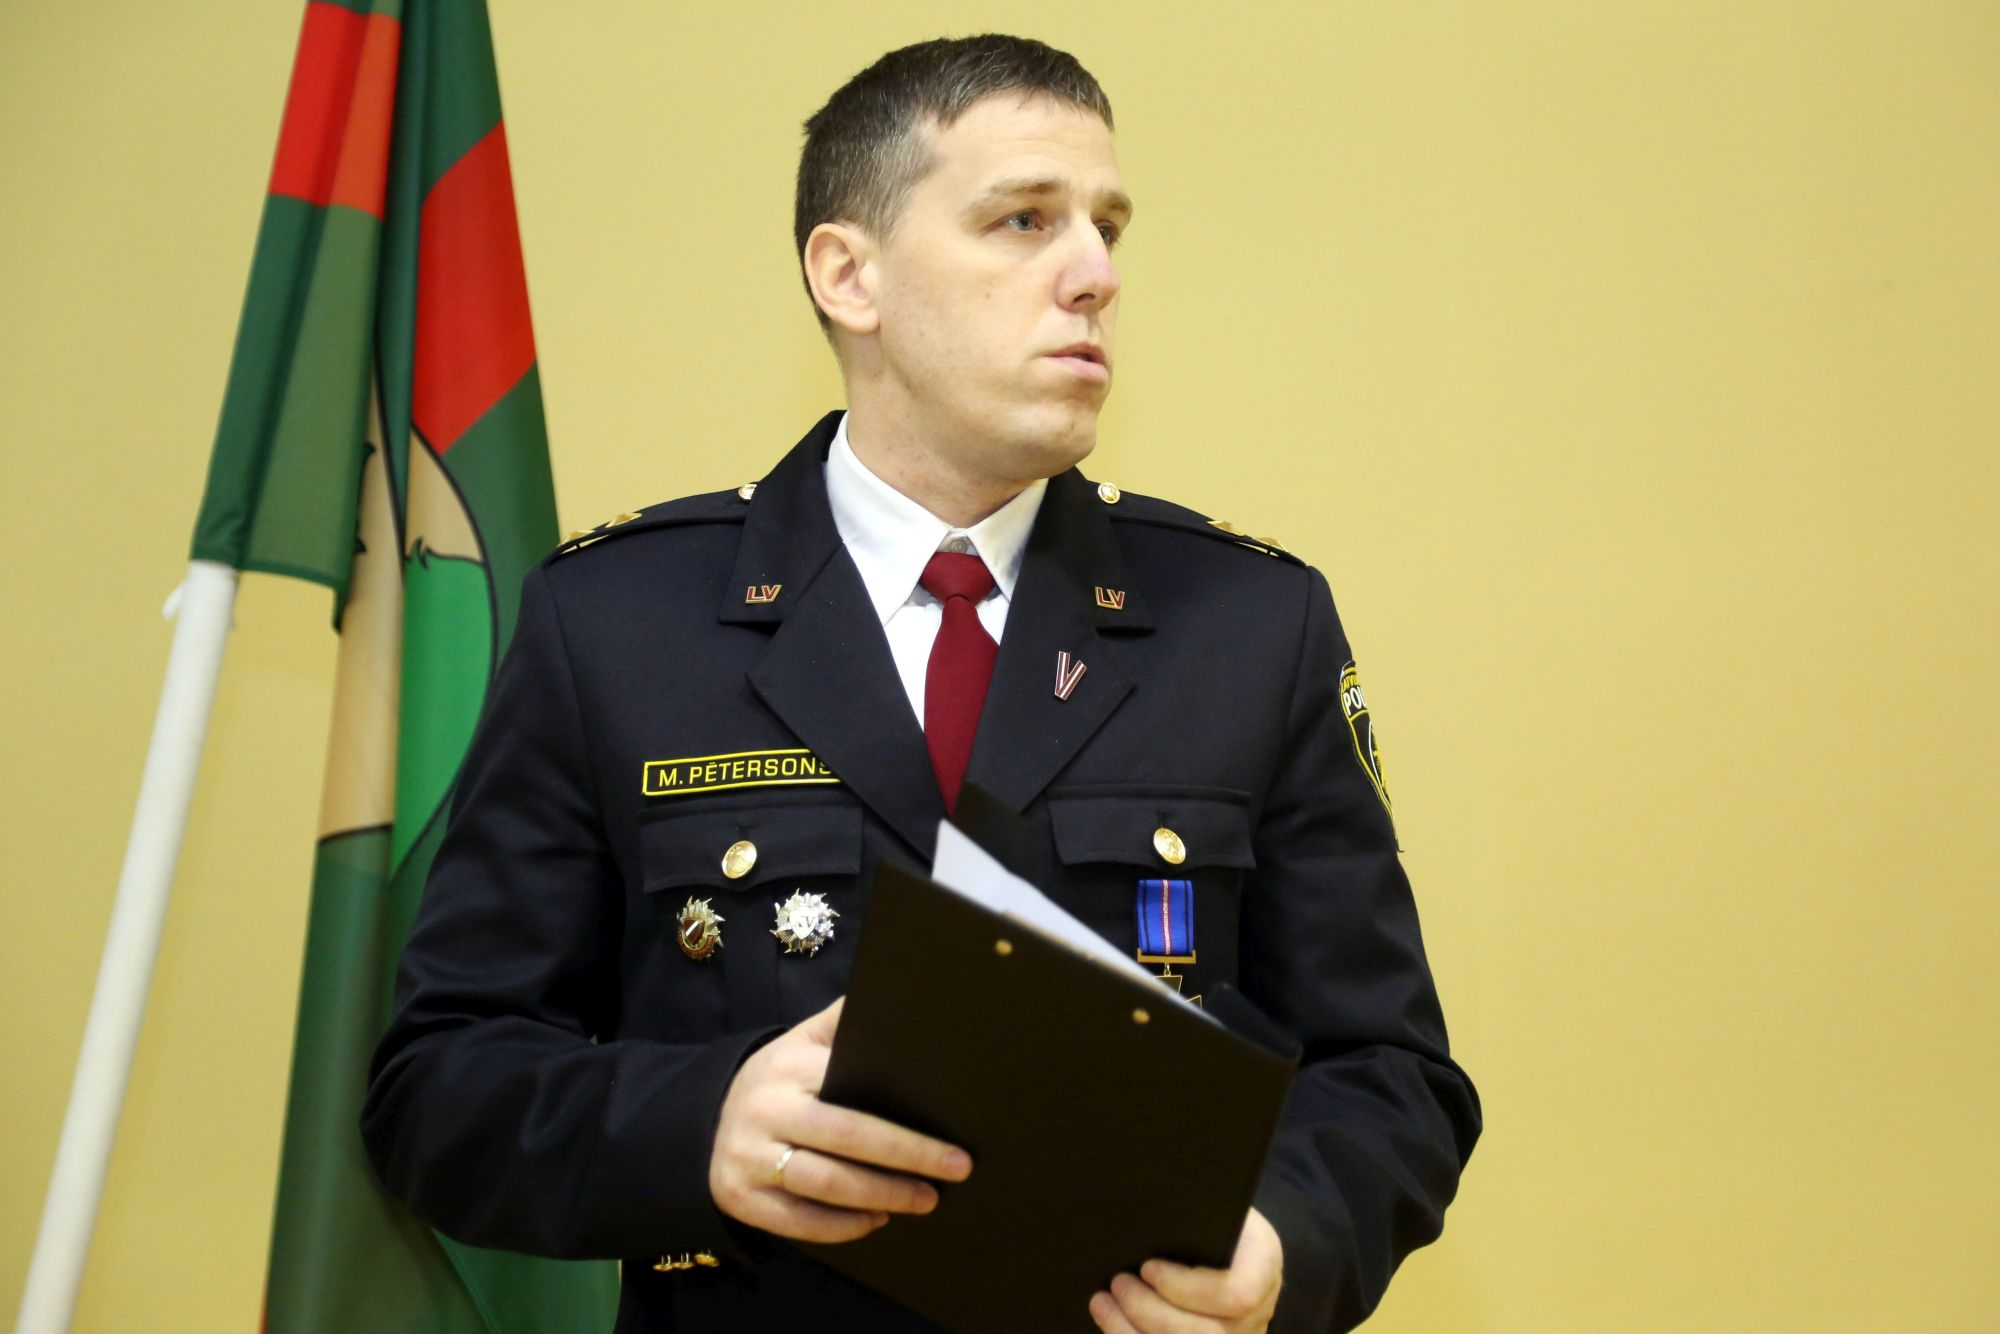 Valsts policijai — 100